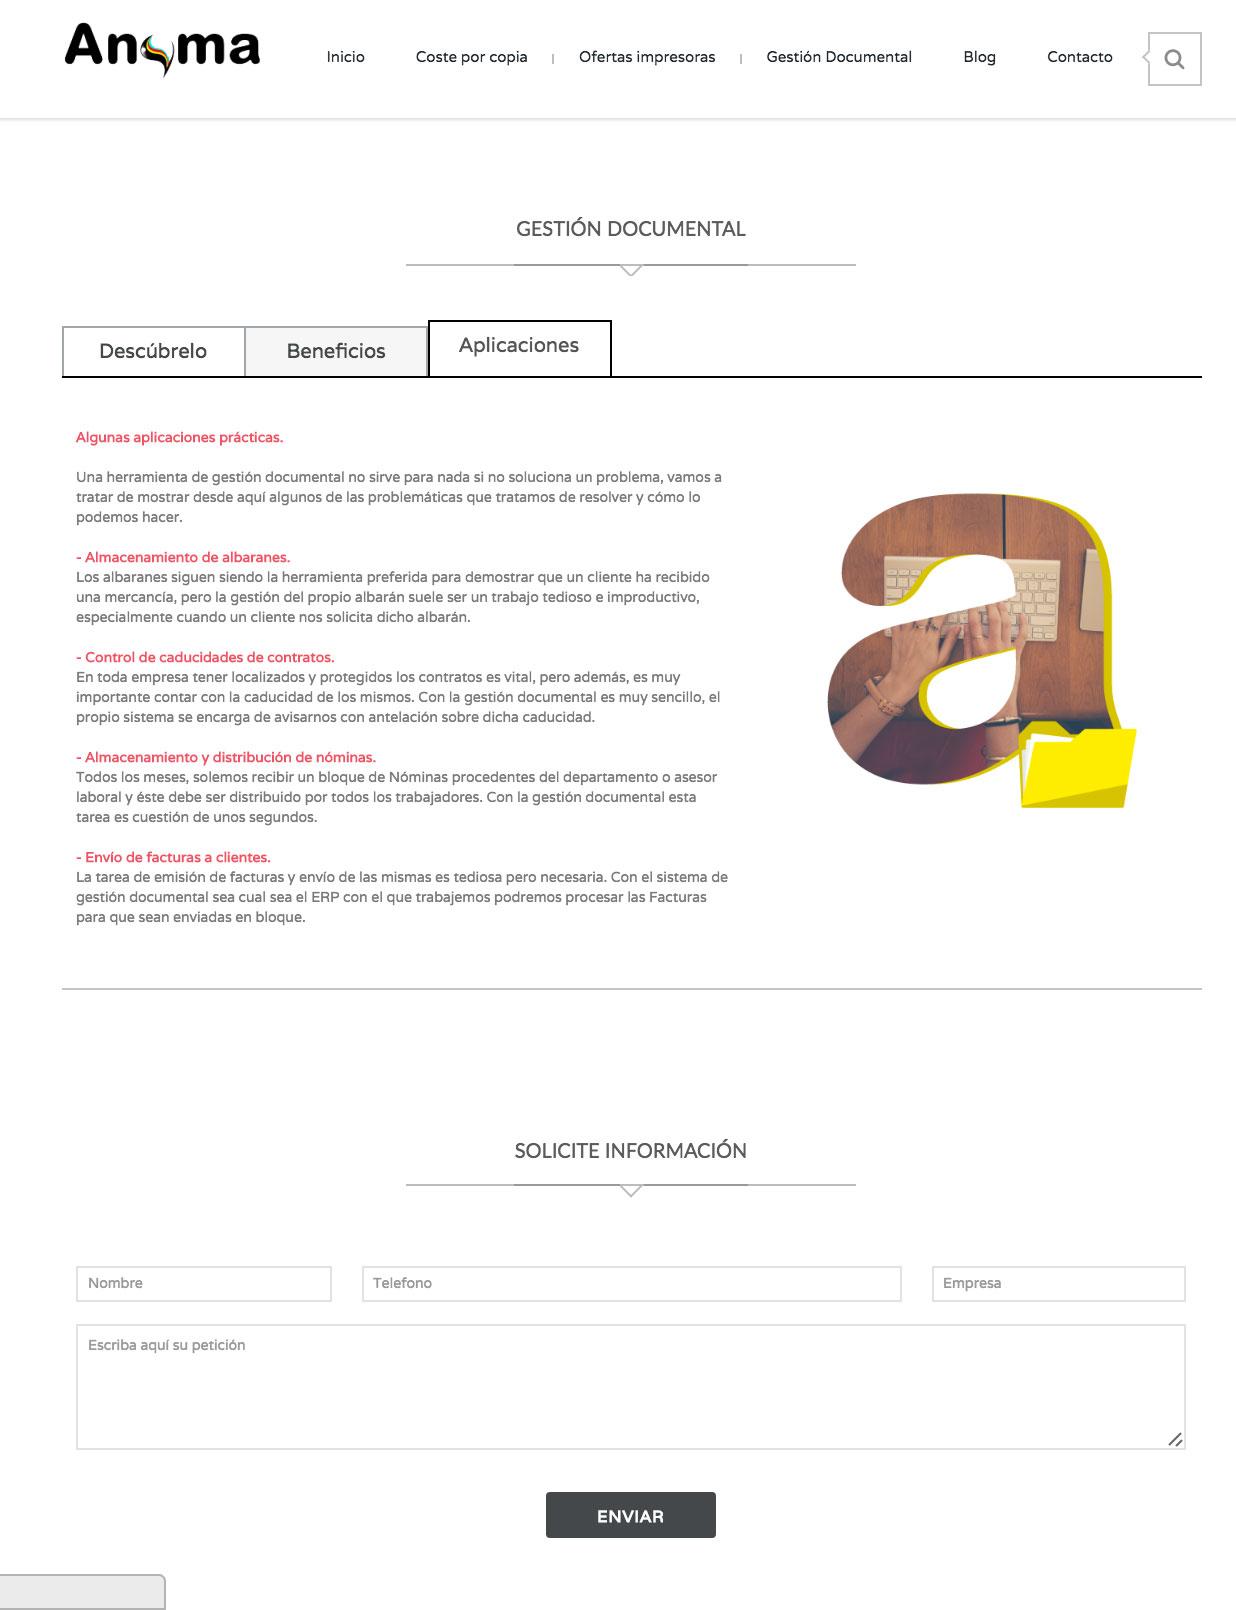 anyma-oferta-impresora-sestudio-pi